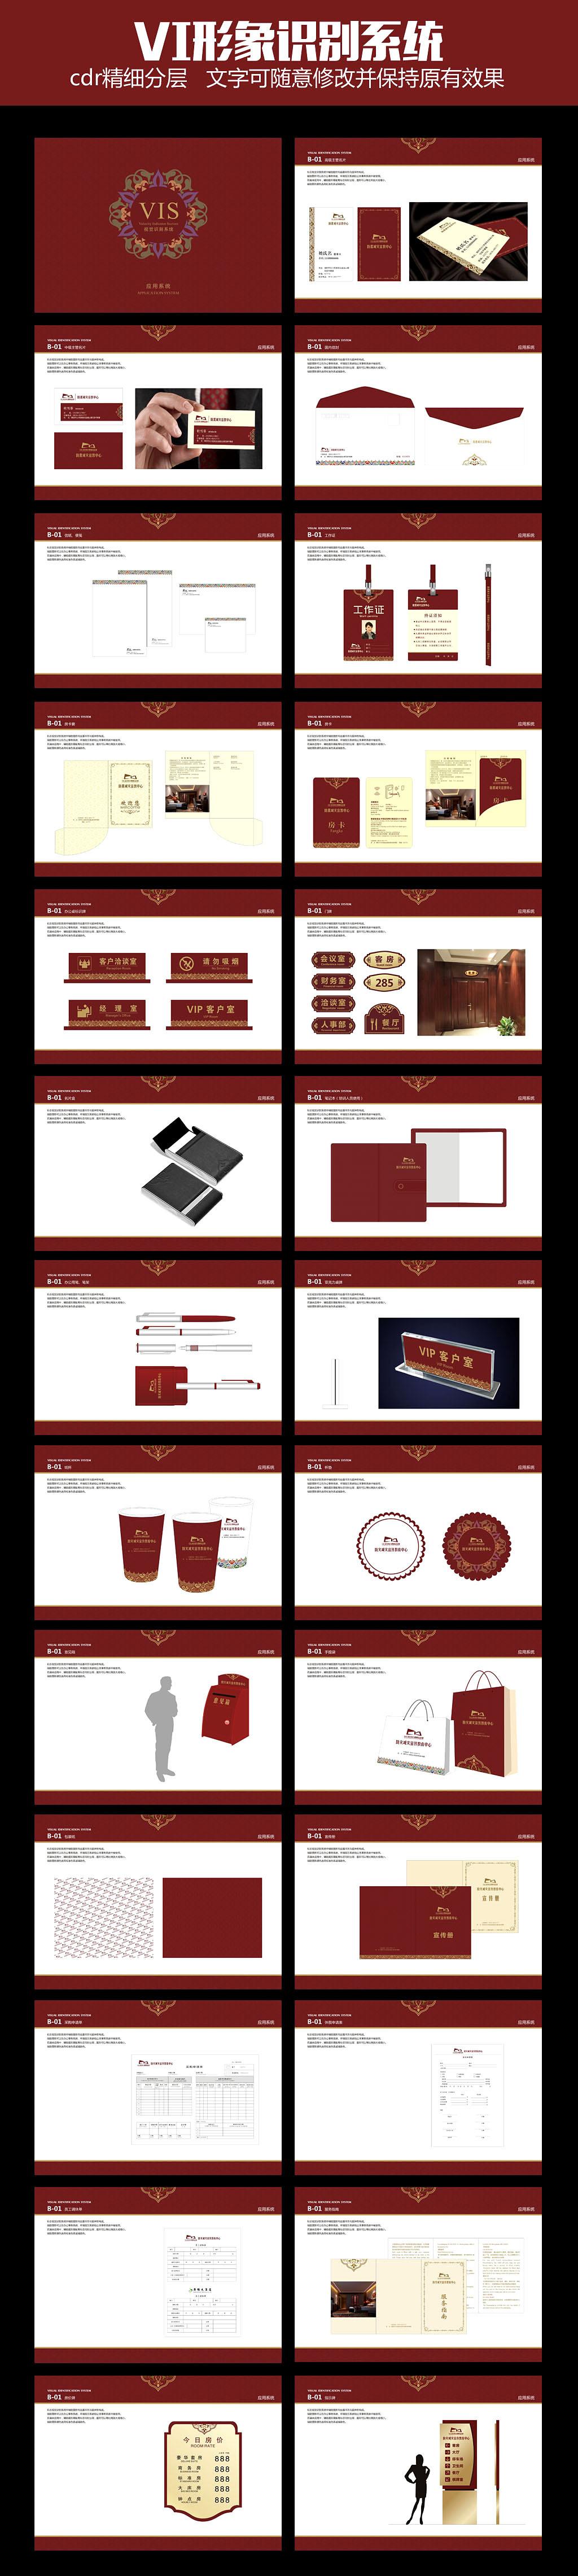 民族风酒店vi设计模板下载 民族风酒店vi设计图片下载 酒店vi模板下载